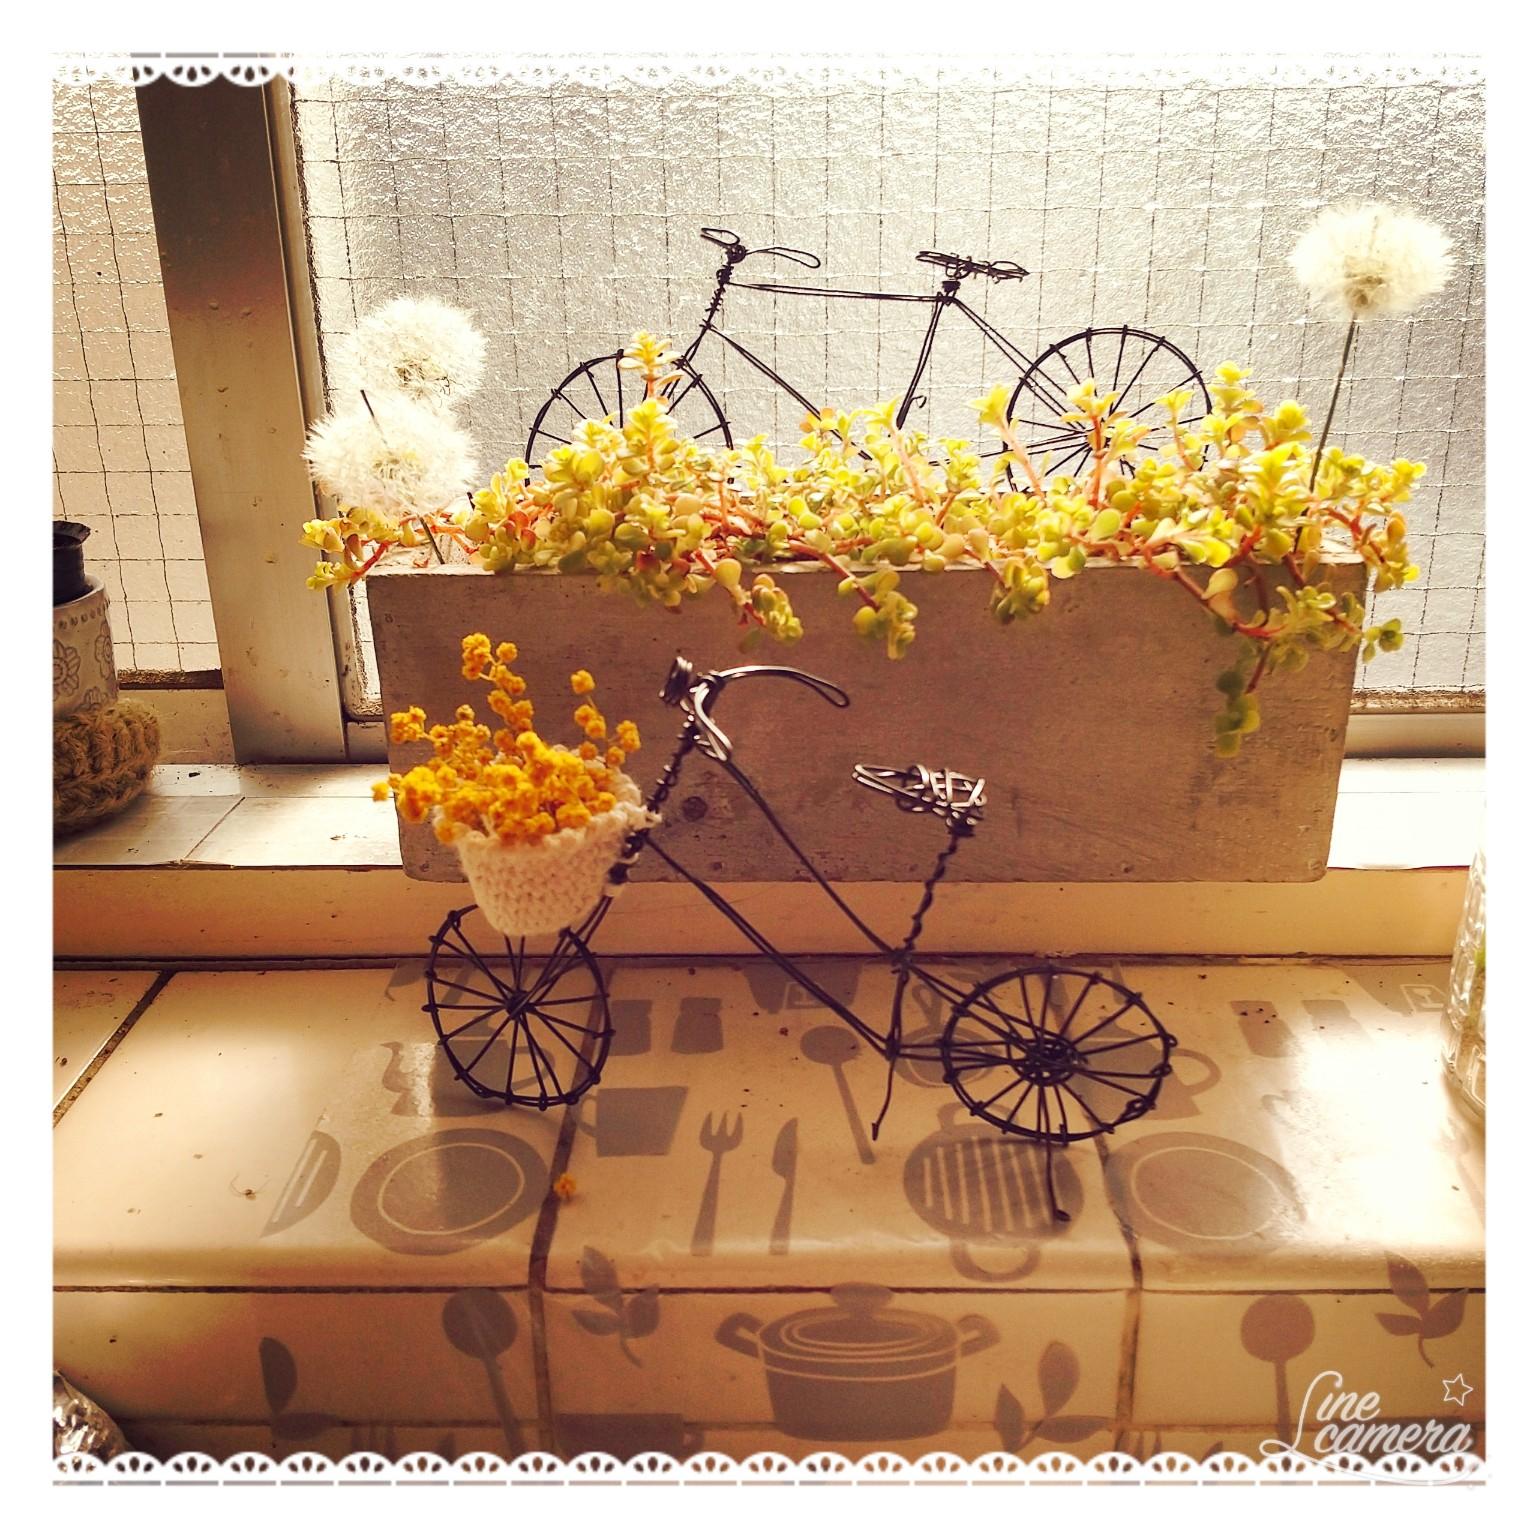 キッチン/記録用/自転車/タンポポの綿毛ドライ/ワイヤー&植物...などのインテリア実例 - 2021-04-20 08:14:45